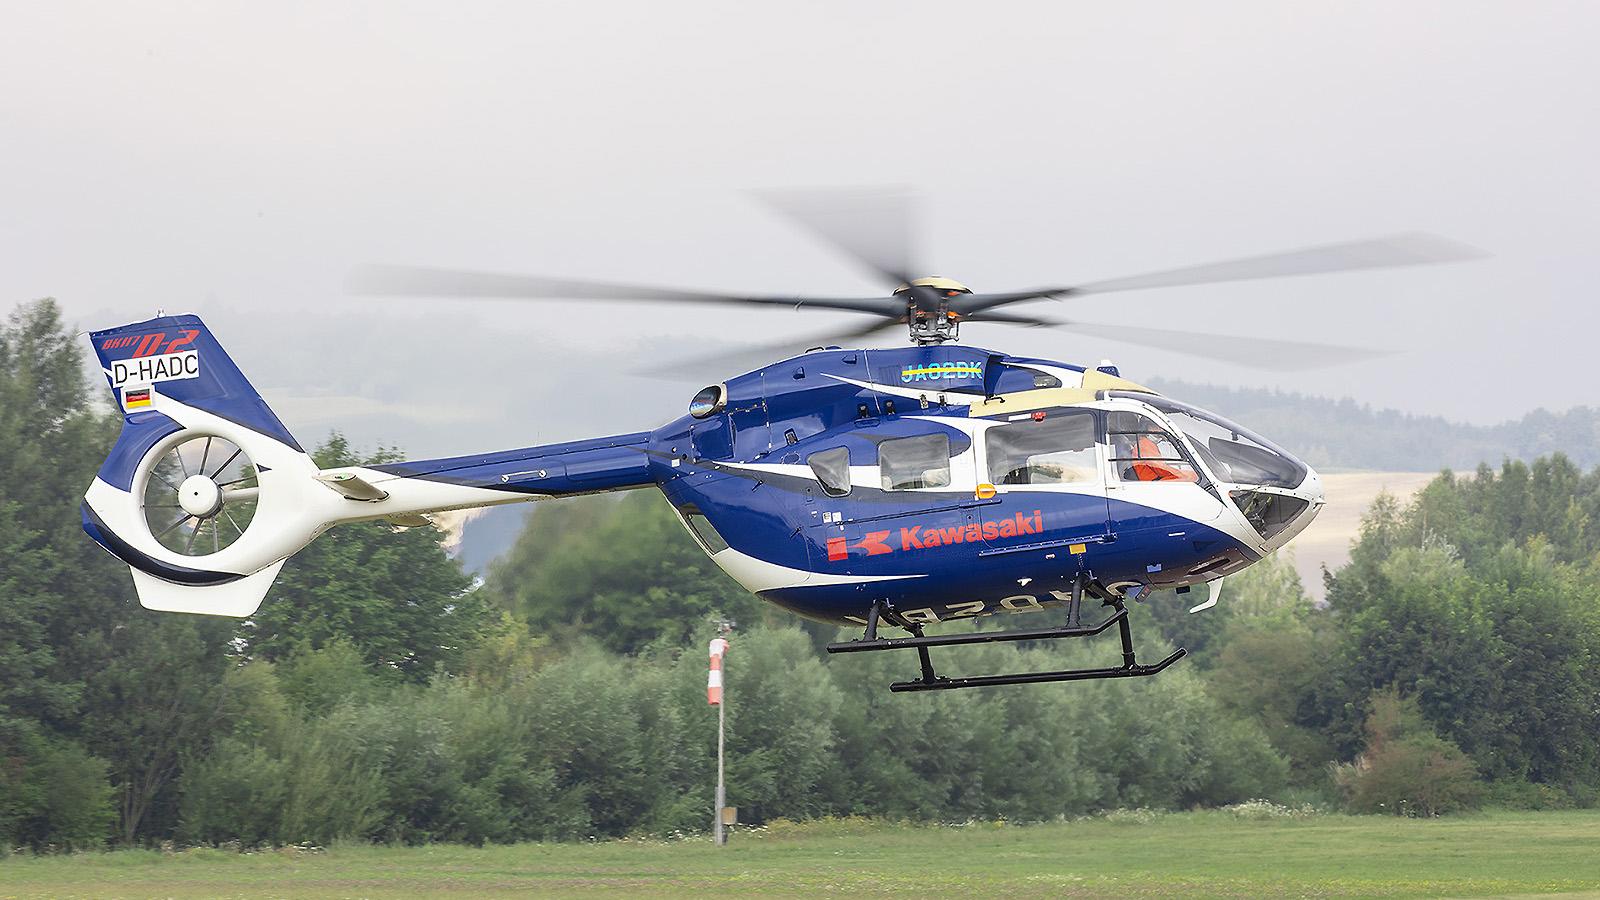 Das Highlight des Jahres in Donauwörth die japanische BK-117D3 mit überklebter Registrierung